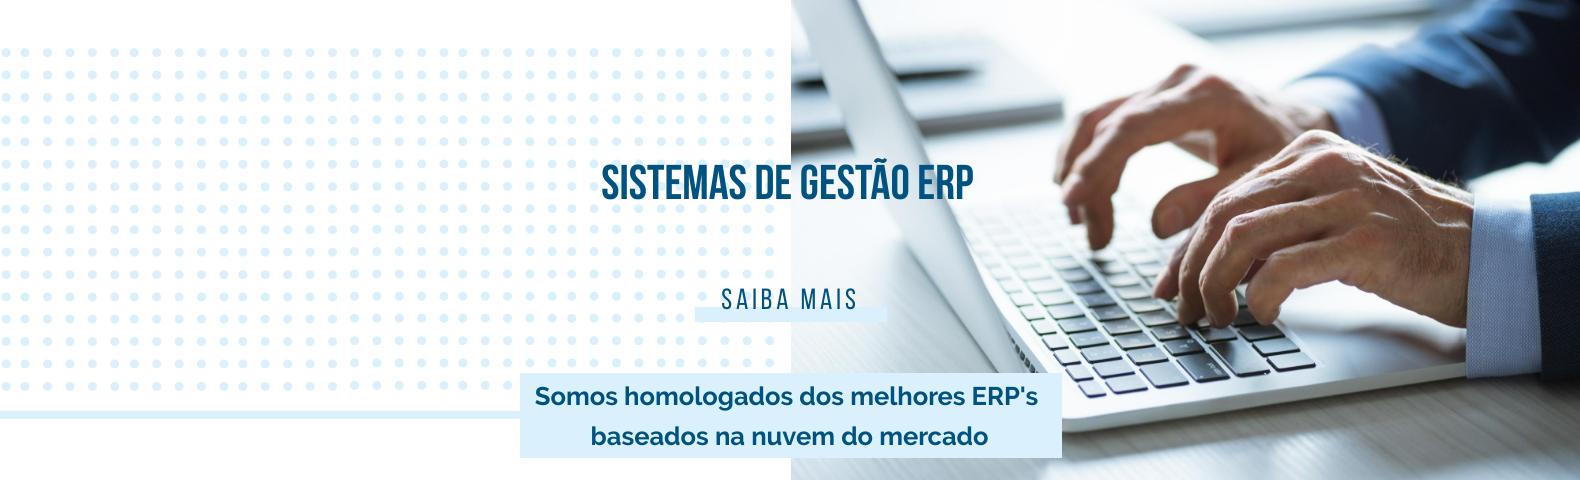 Sistemas de Gestão ERP